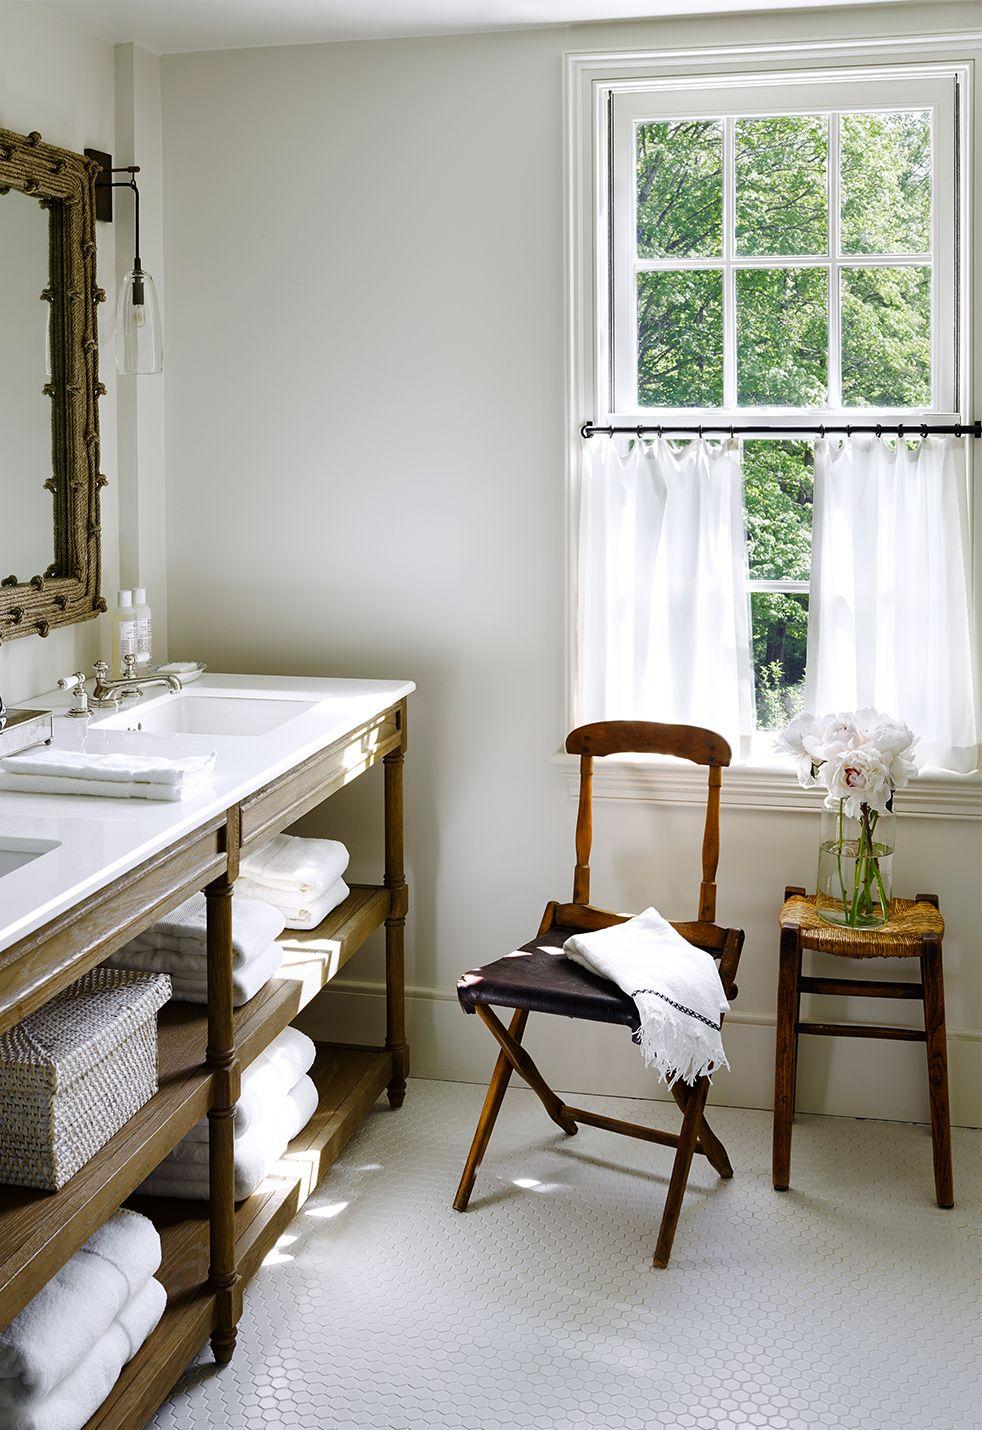 Pin by linen & lavender {l&l} - Lifestyle on Bath Design | Pinterest ...